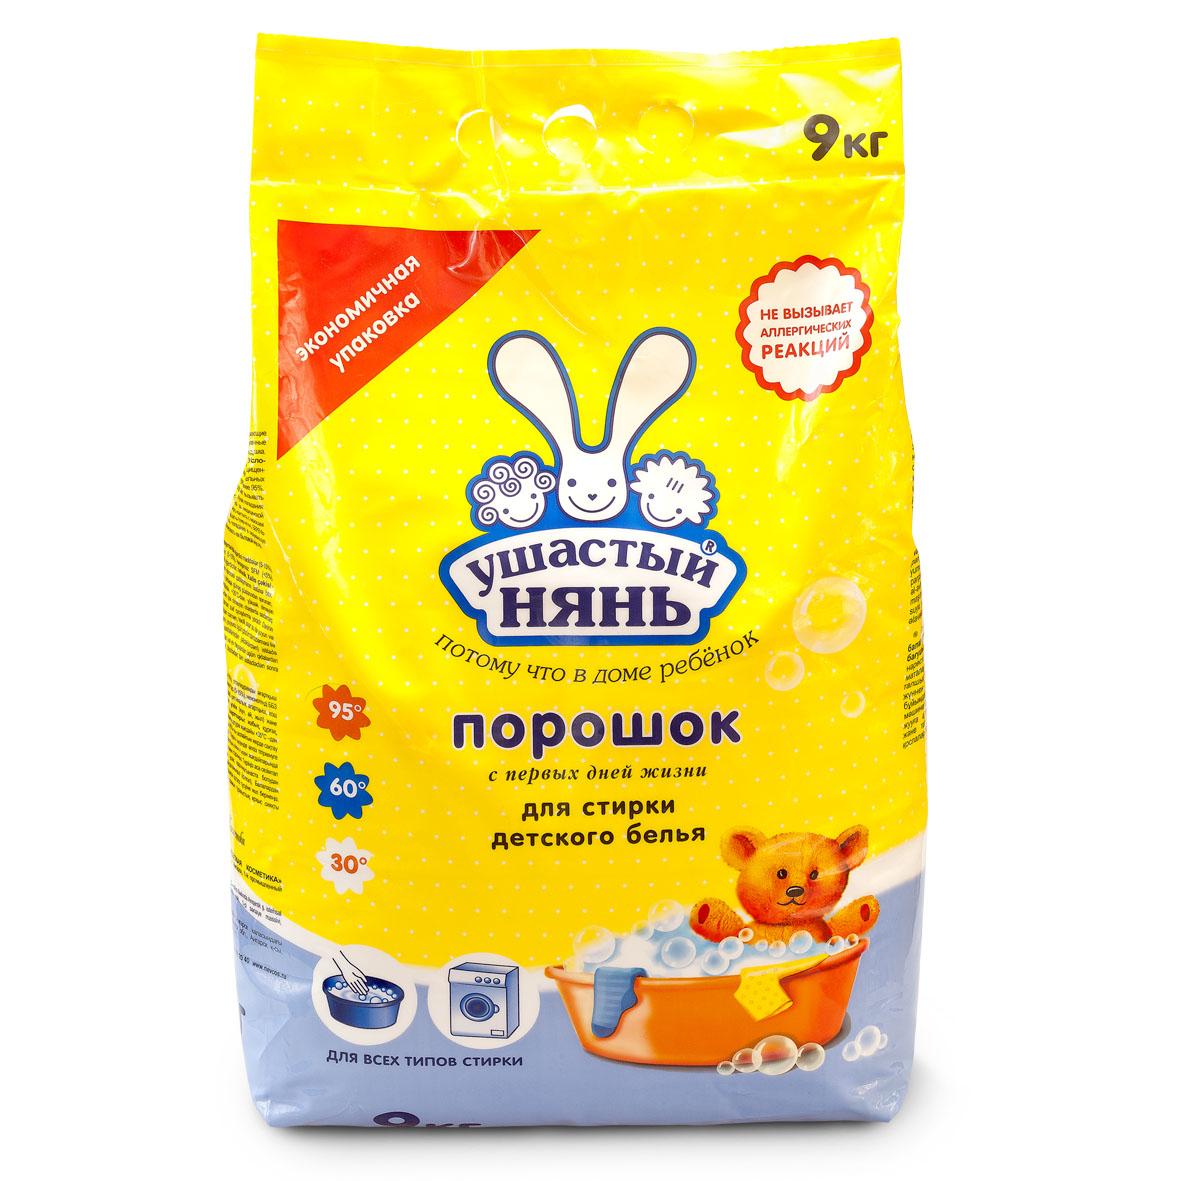 Средства для стирки Ушастый нянь Стиральный порошок Ушастый нянь 9 кг стиральный порошок зимнее утро пемос 3 5 кг